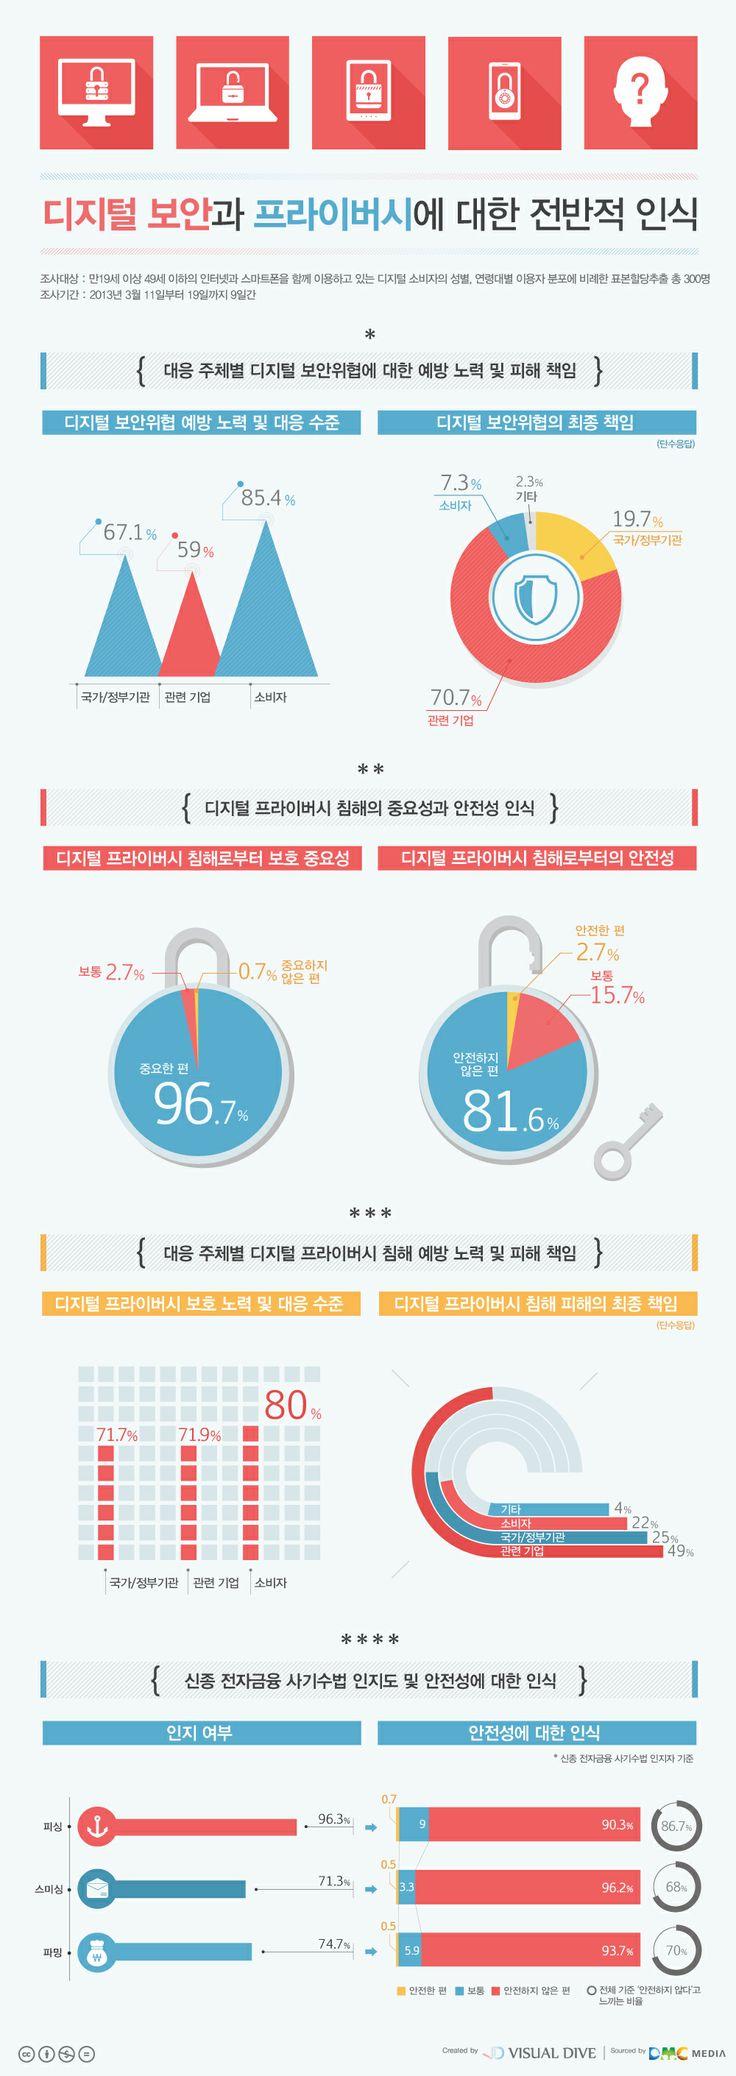 """[인포그래픽] """"당신의 개인정보, 디지털 공간에서는 안전할까요?"""" #privacy / #Infographic ⓒ 비주얼다이브 무단 복사·전재·재배포 금지"""